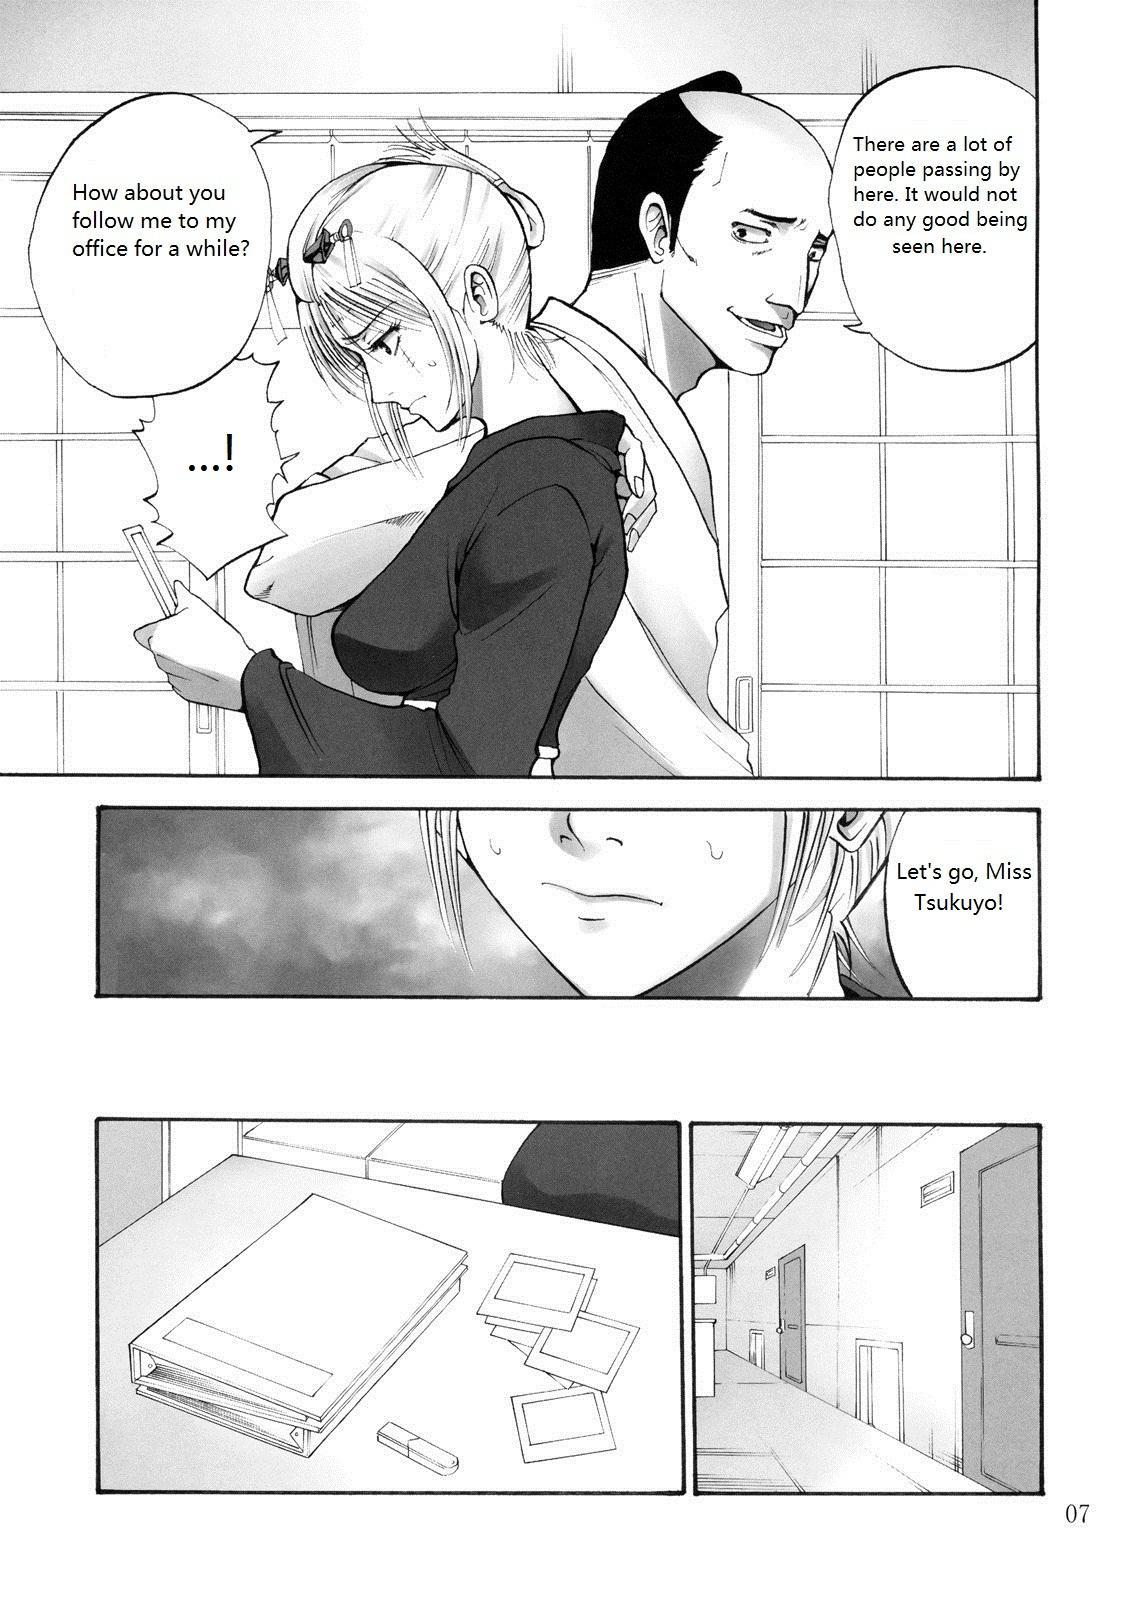 (SC49) [Katsuobushi (Horie)] Tsukuyo-san ga Iyarashii Koto o Sarete Shimau Hanashi -NTR Ryoujoku Hen- [English] [Twilight Sparkle1998] 5